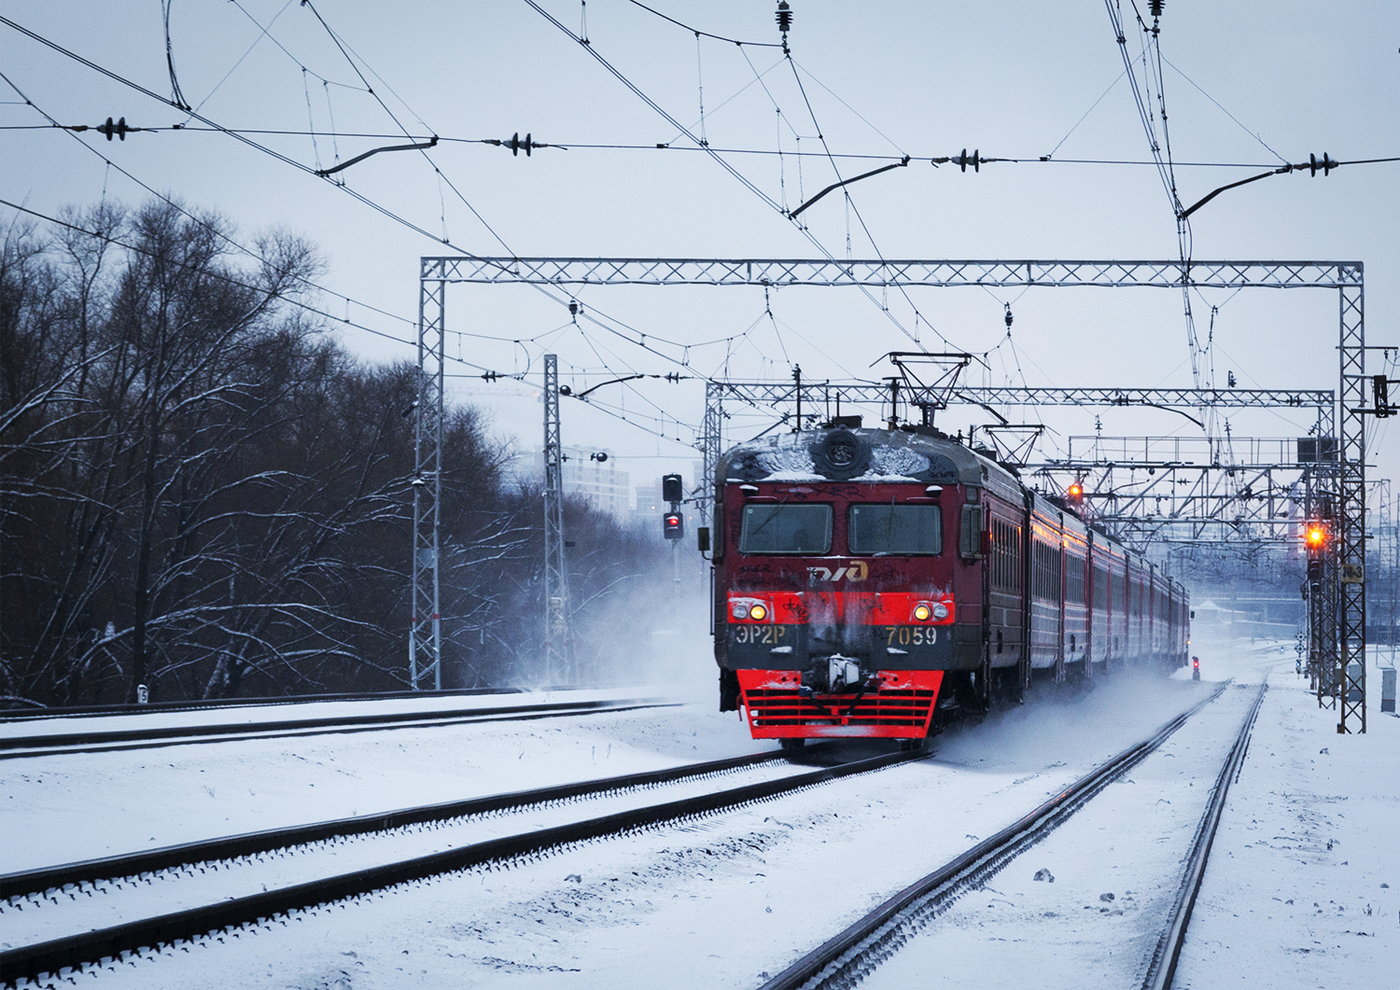 За прошлый год брянские поезда перевезли 1,25 миллиона пассажиров